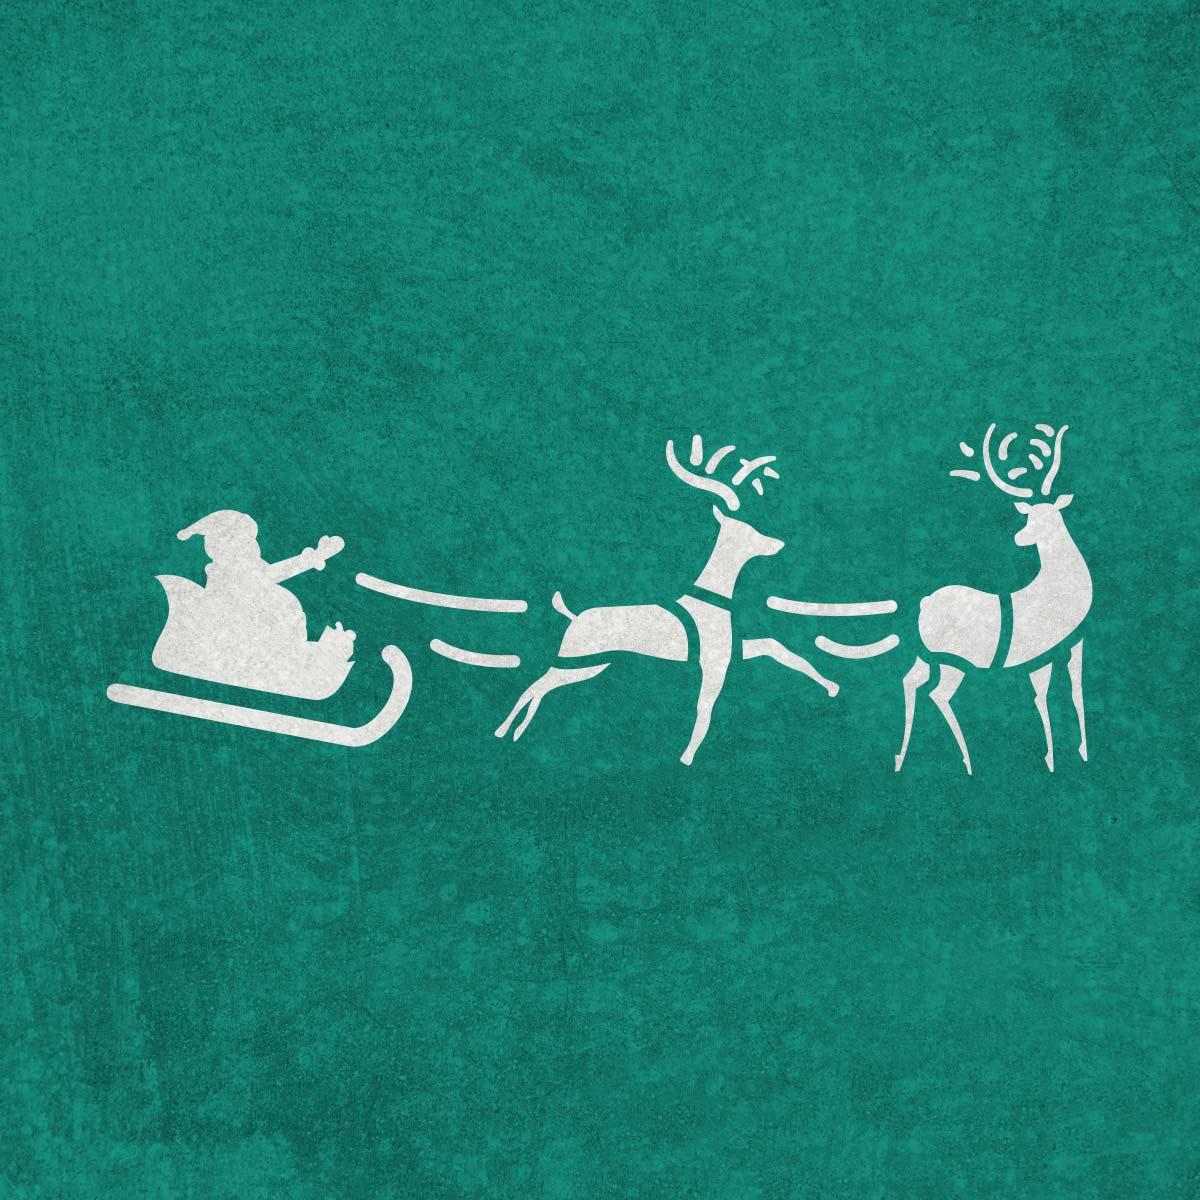 Św. Mikołaj w saniach z reniferami - świąteczny szablon malarskie wielokrotnego użytku, wizualizacja na ciemnym tle